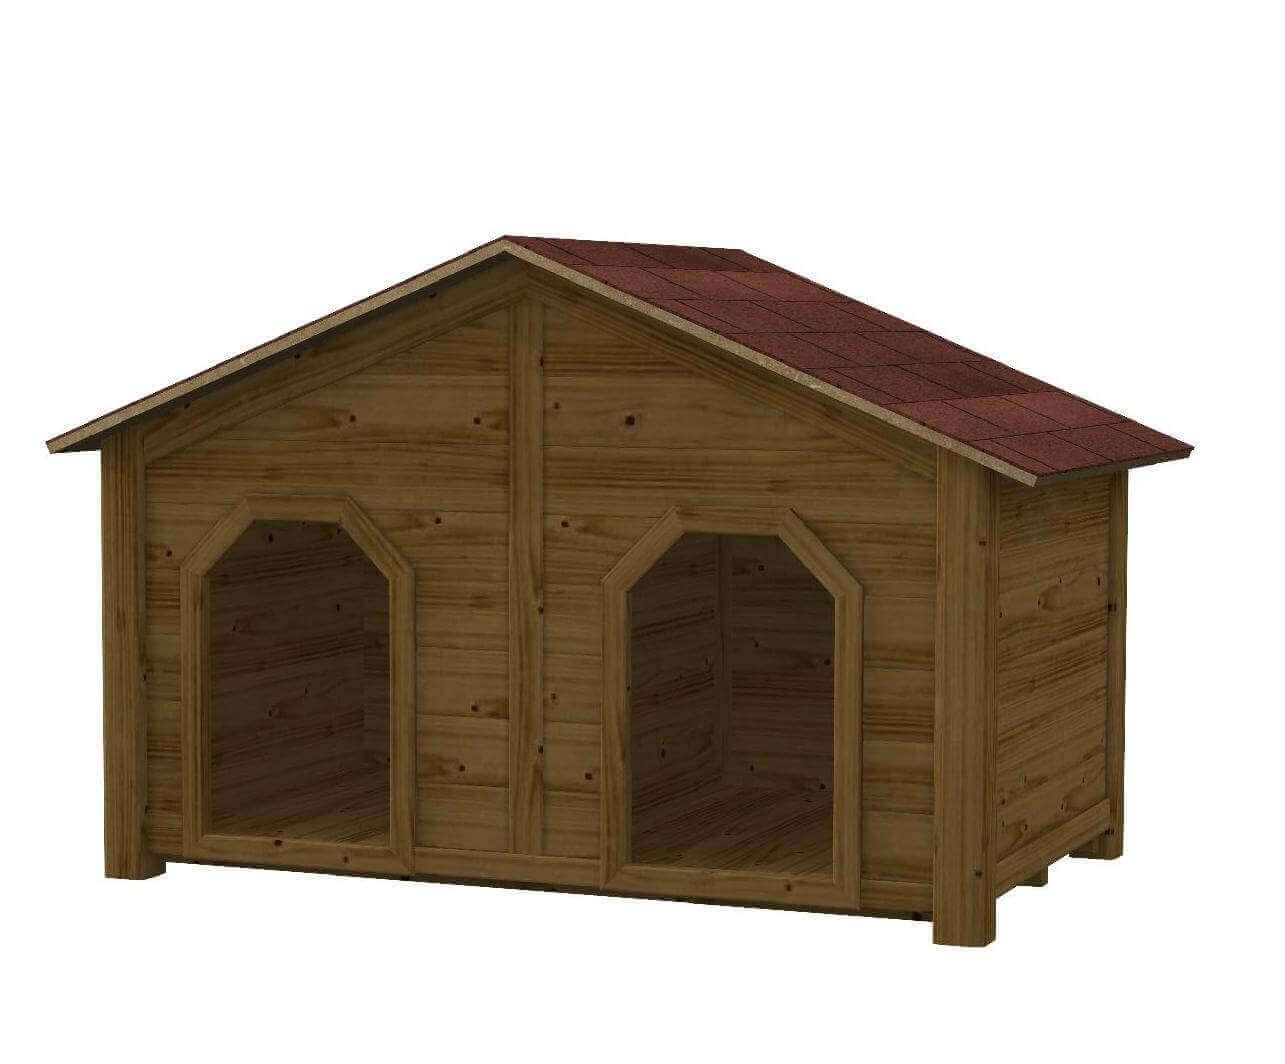 Cuccia doppia in legno per cani da esterno kiwi for Costruire cuccia per cani da esterno